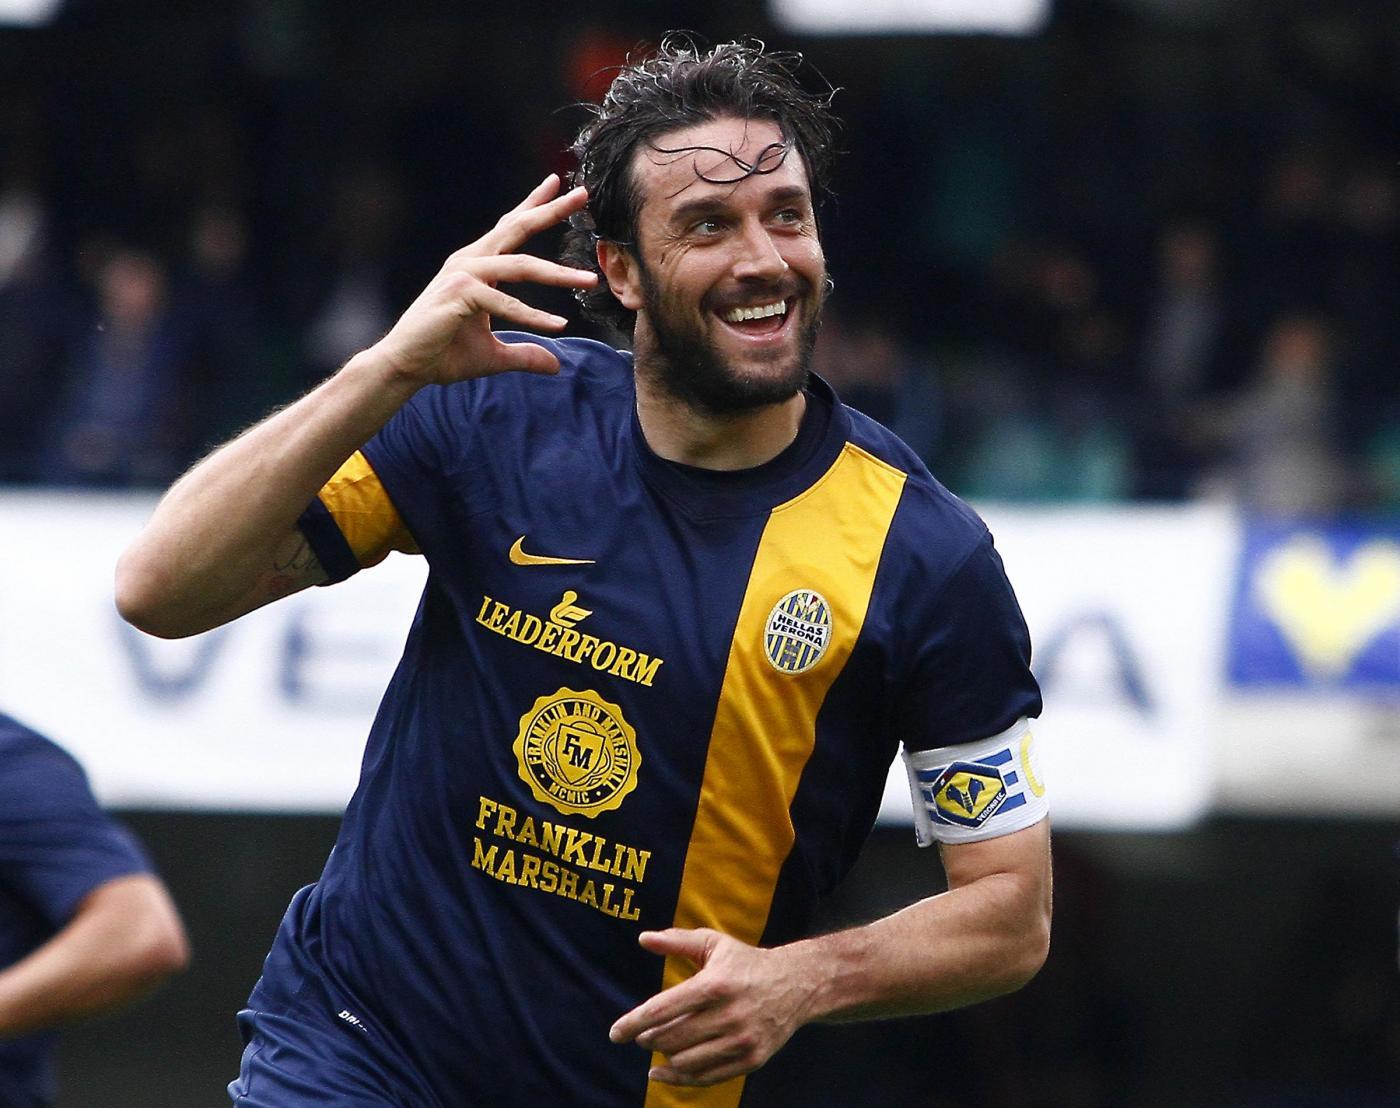 Pagelle Serie A 2013/14: la 35esima giornata